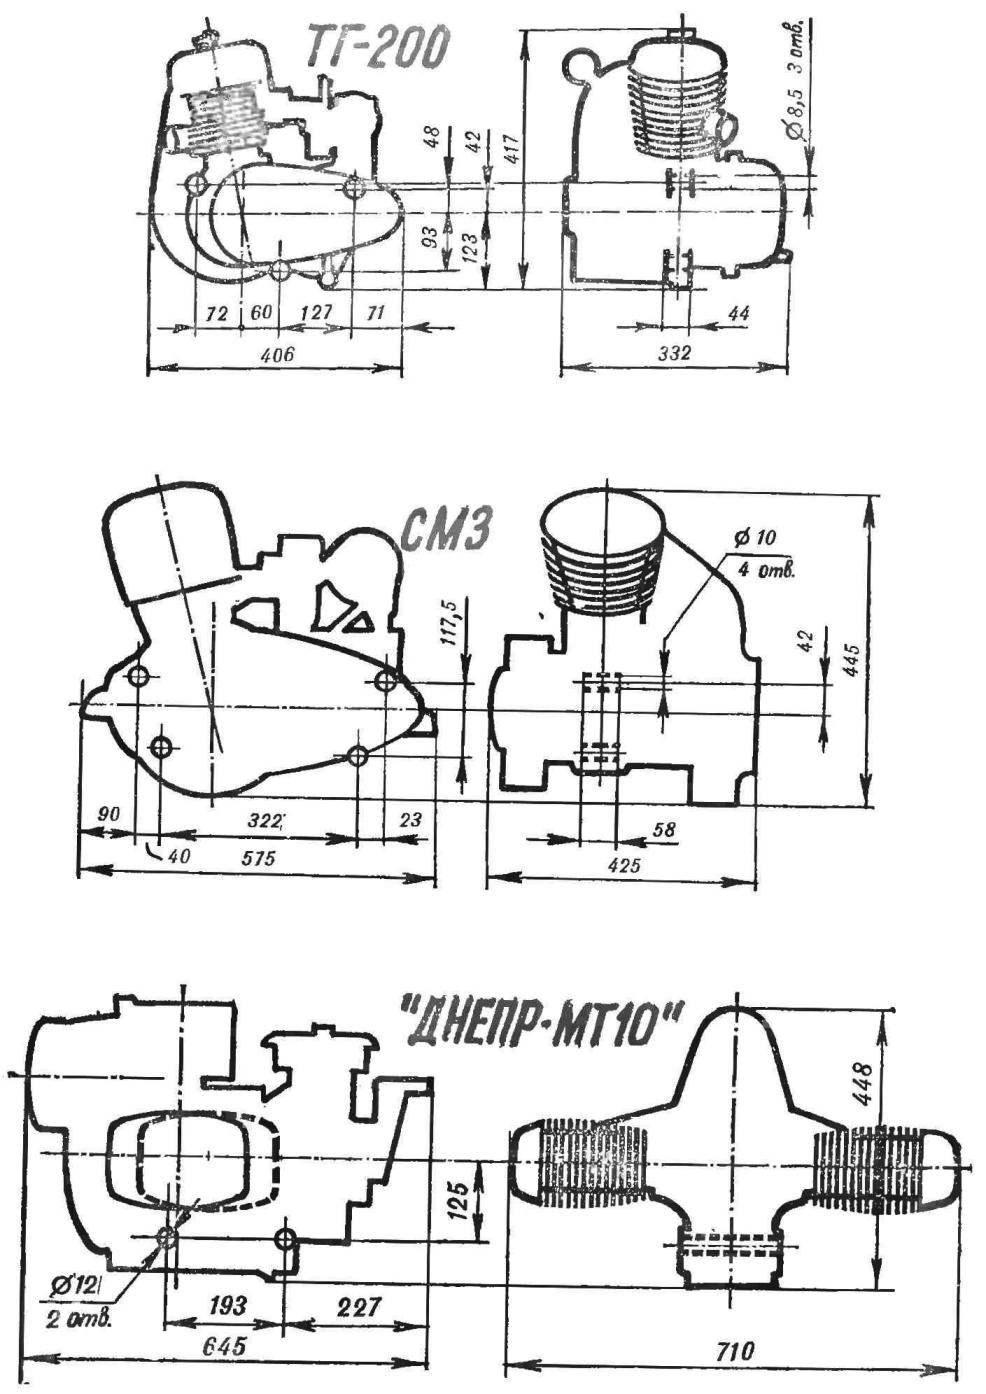 Рис. 1. Габариты и точки крепления силовых агрегатов для микроавтомобилей.